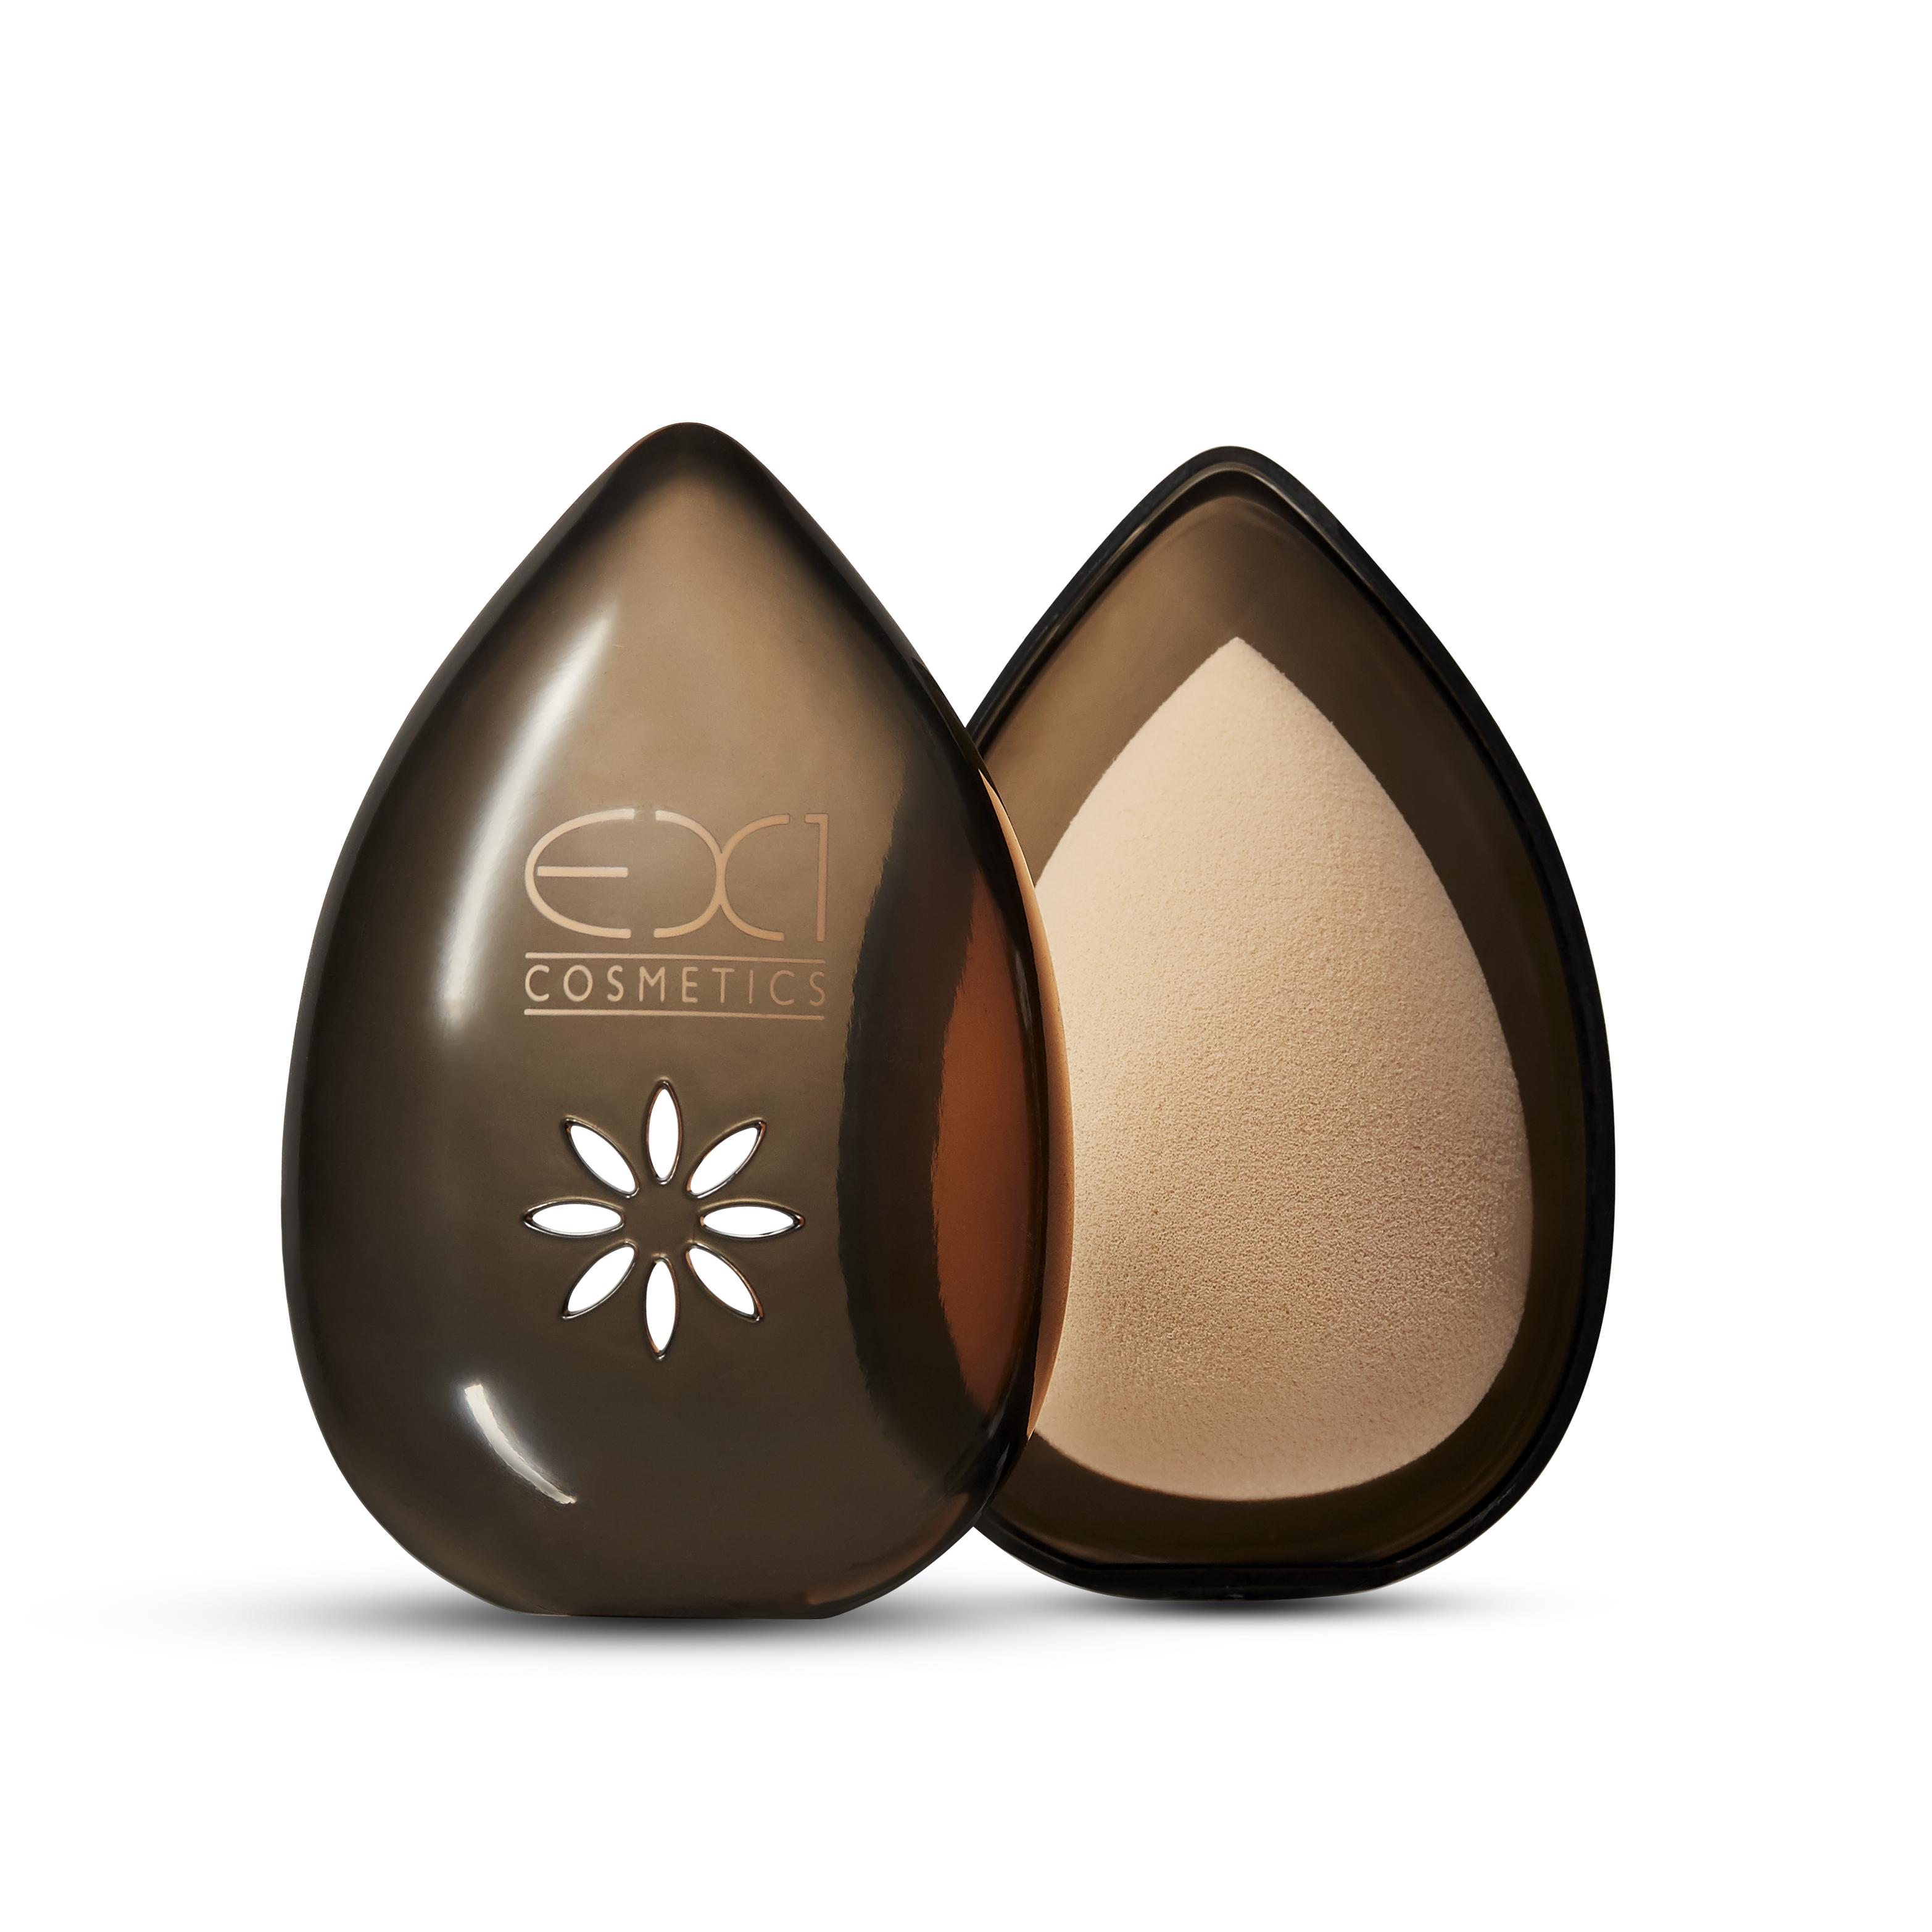 EX1-Cosmetics-hubka-na-makeup-stayunique.sk